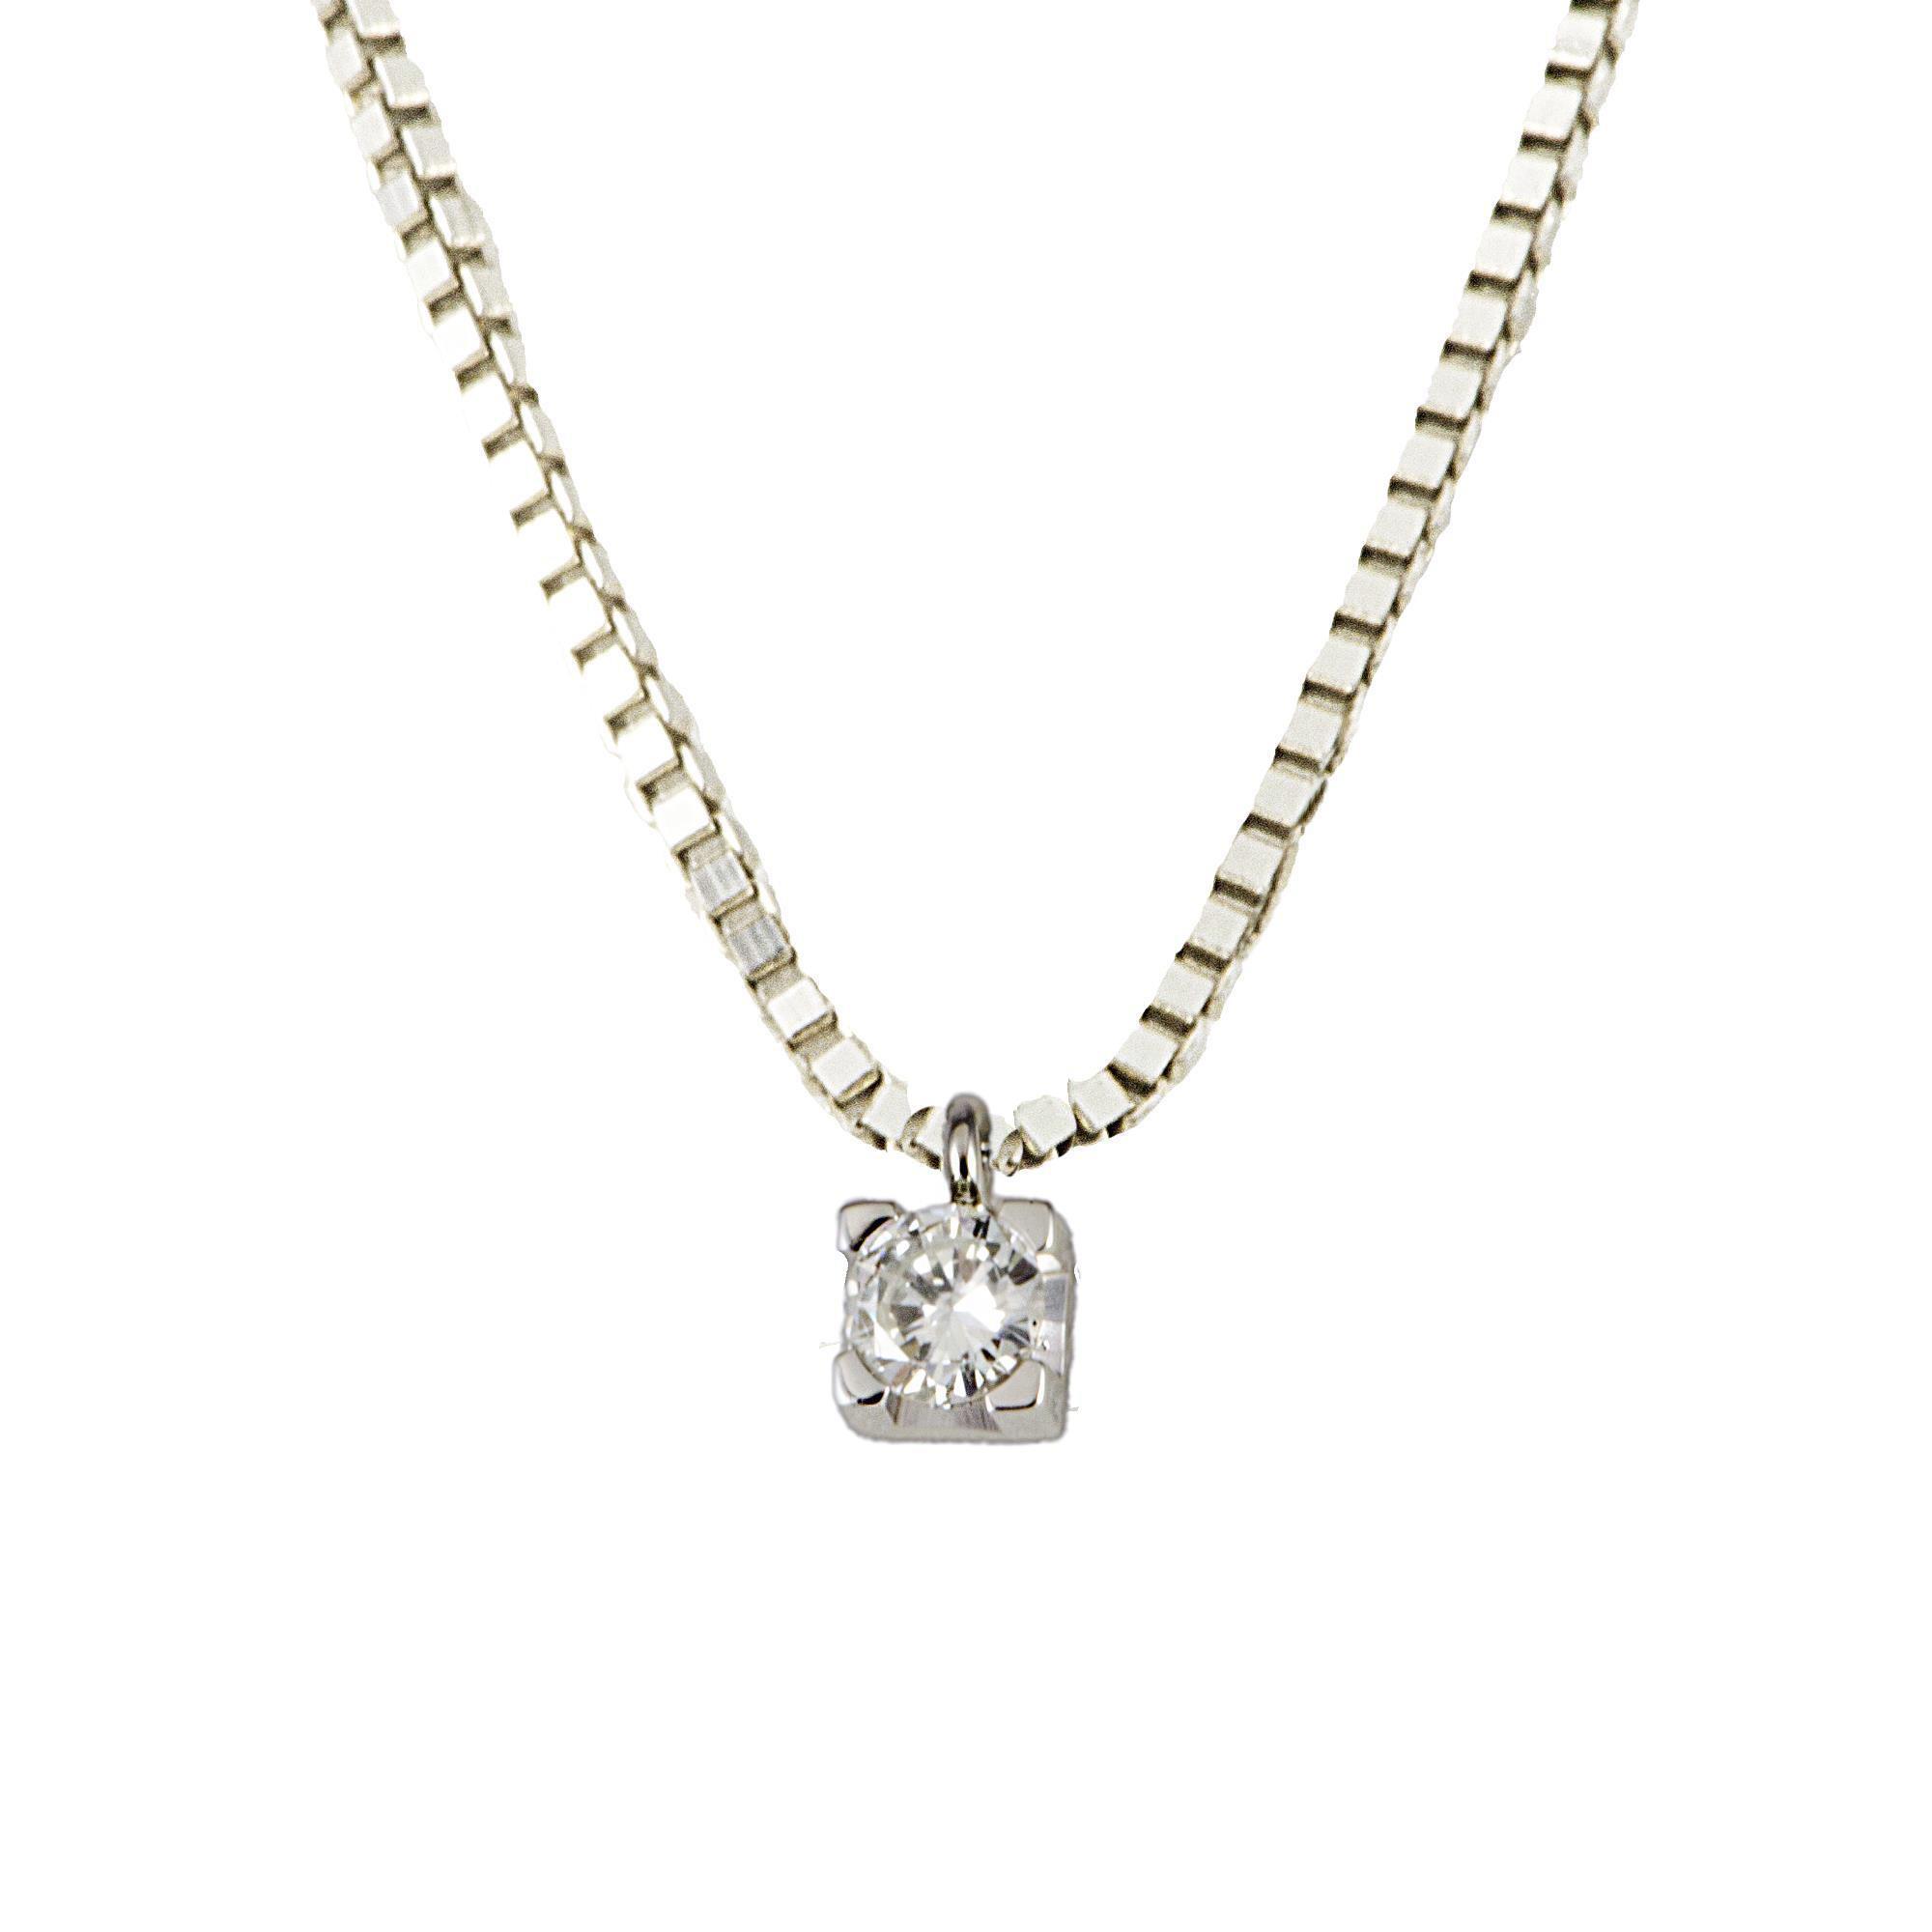 Collier Alfieri & St John in oro bianco e diamante ct 0,20  - ALFIERI ST JOHN